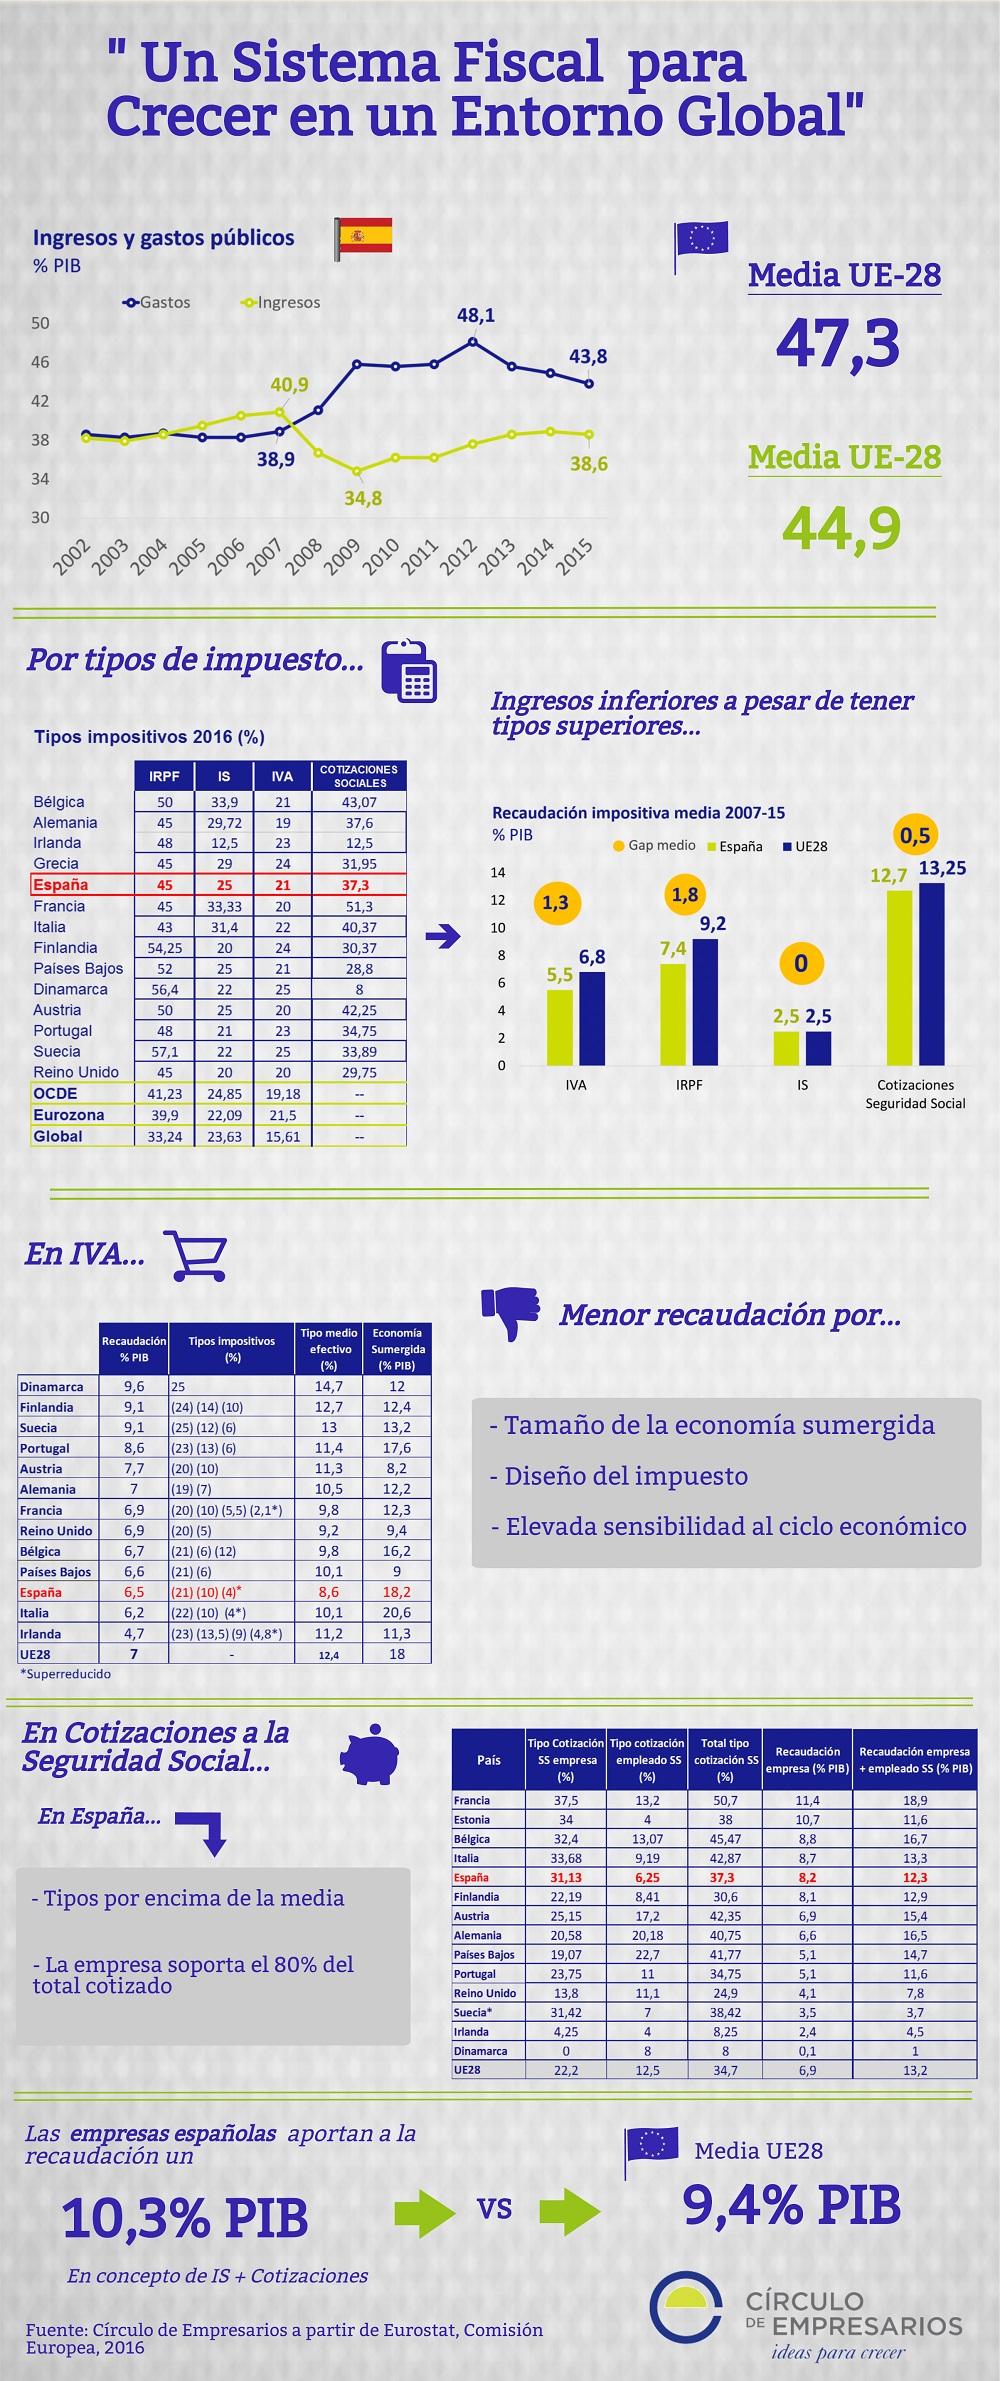 un_sistema_fiscal_para_crecer_en_un_entorno_global_diciembre_2016_infografia_circulo_de_empresarios-1000